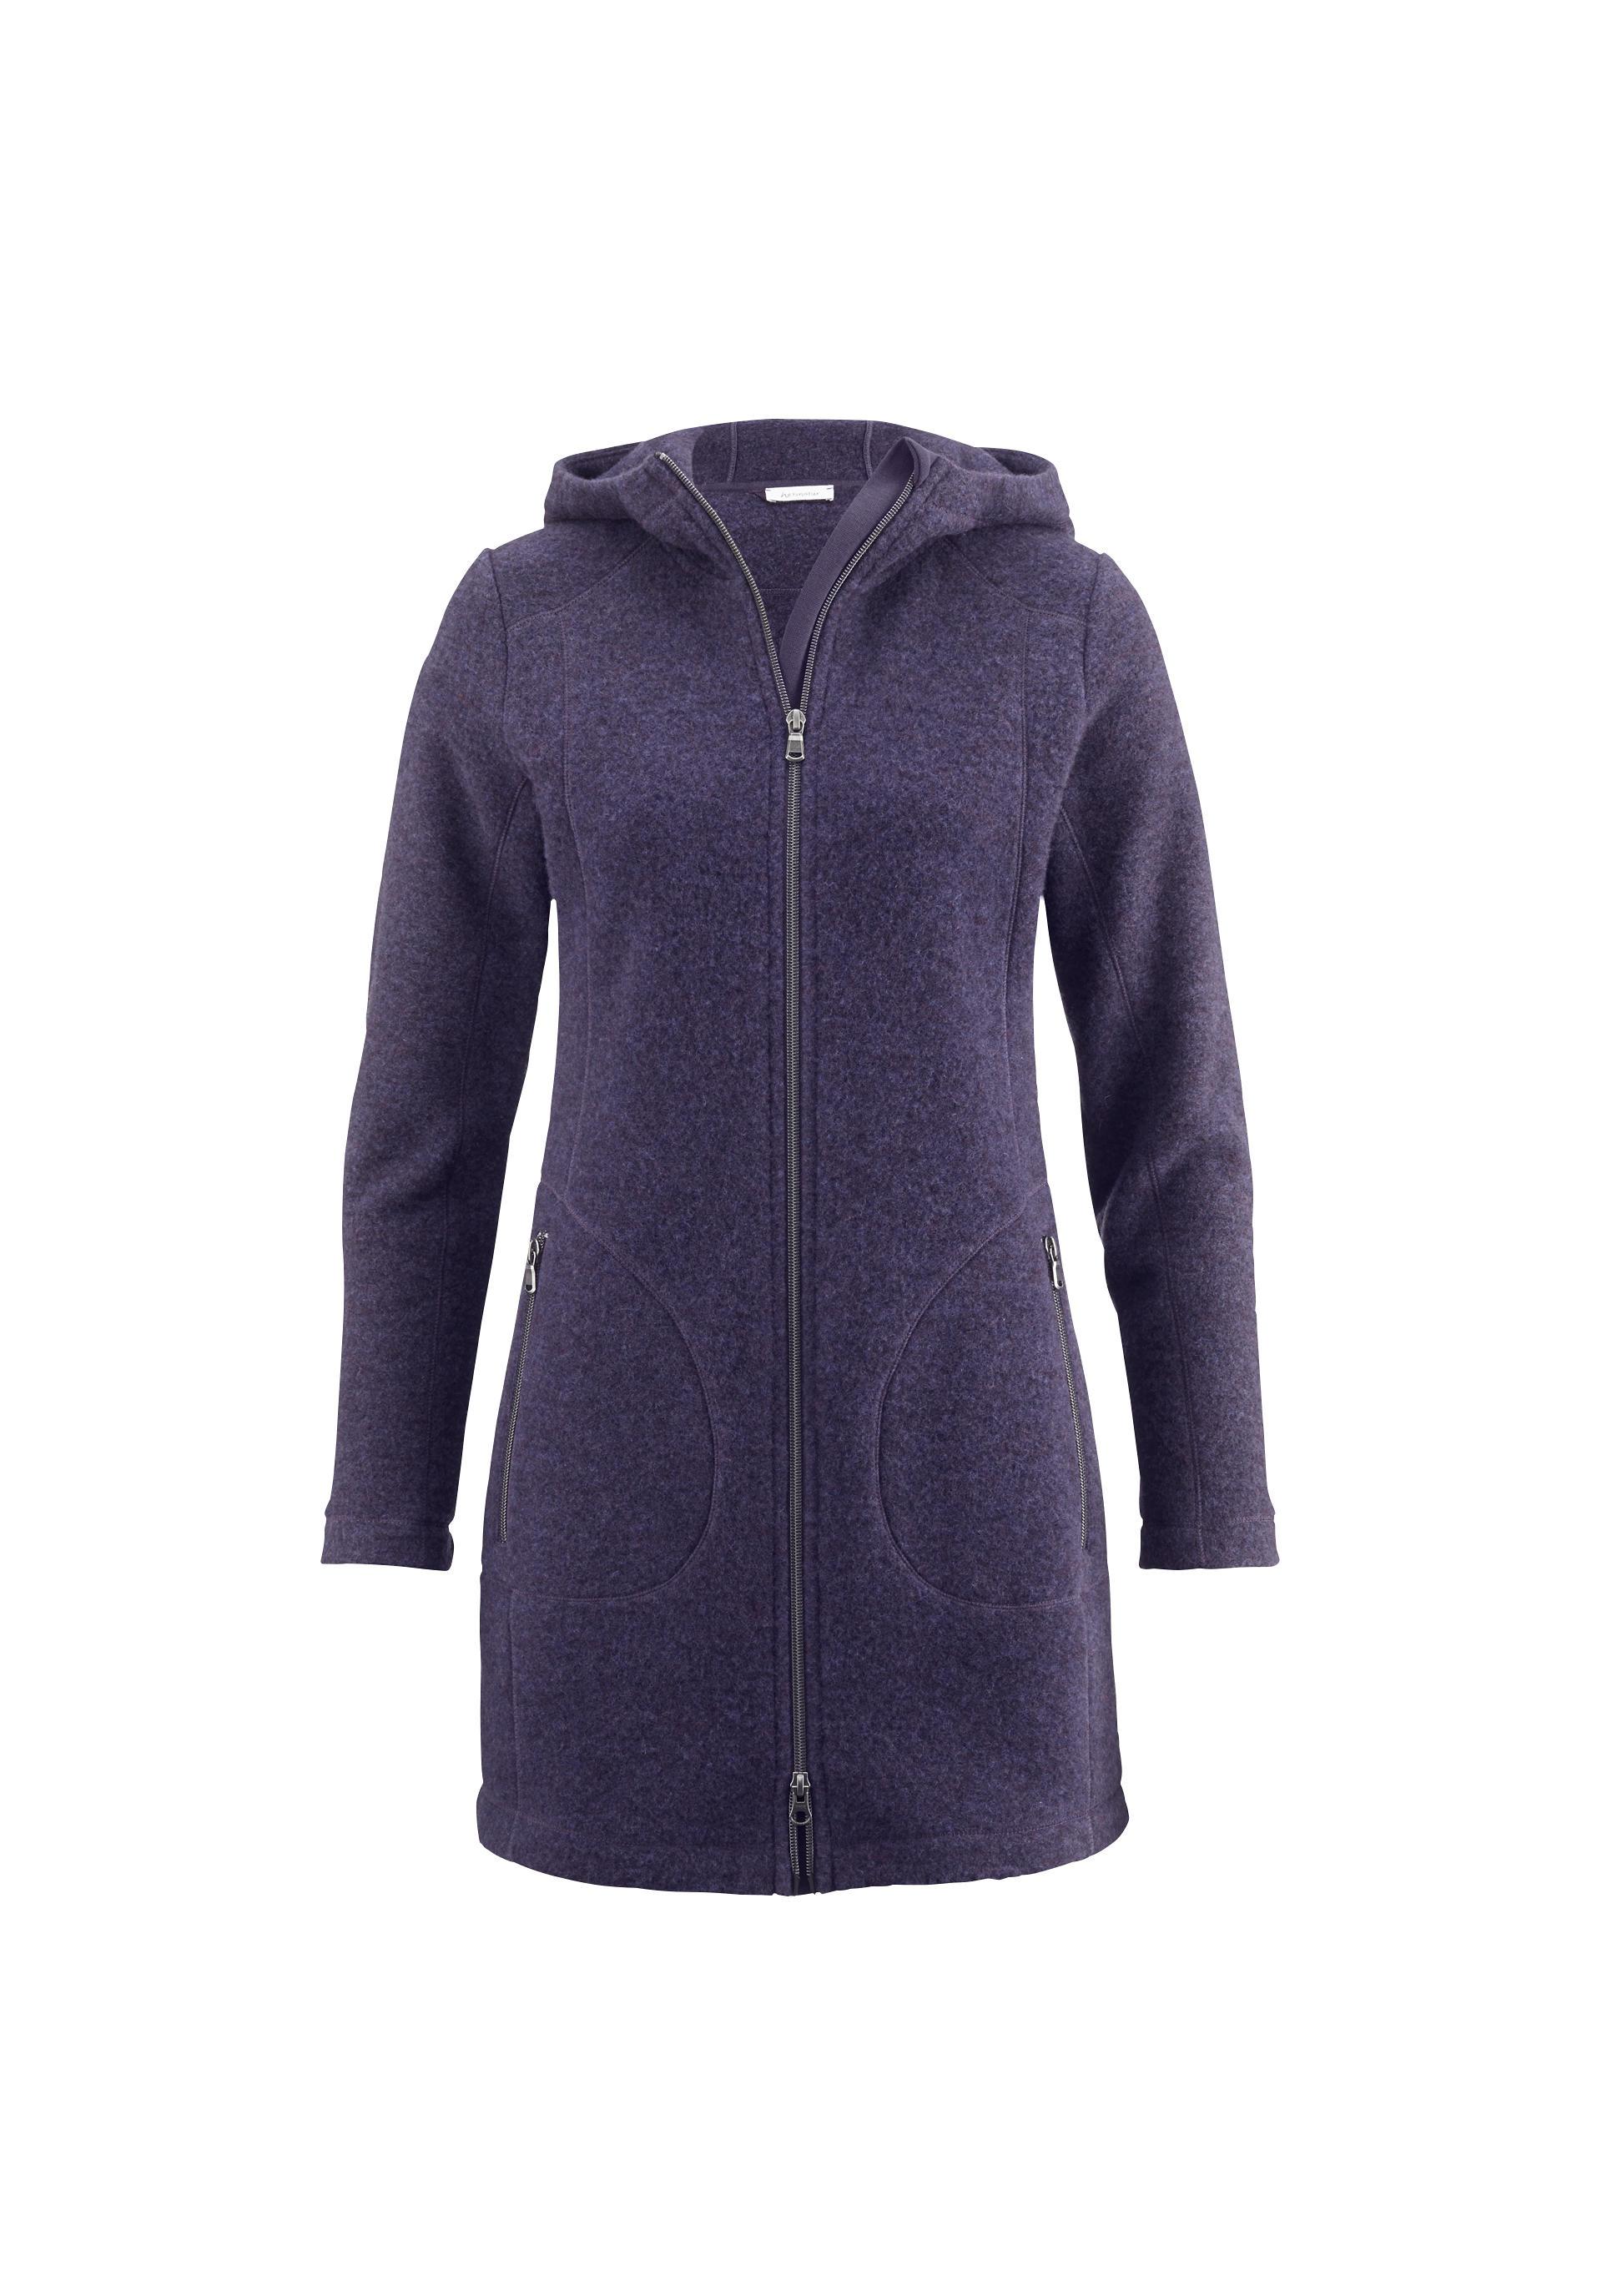 59c6ed4f53895c Damen Wollfleece-Jacke aus reiner Bio-Schurwolle - hessnatur Deutschland